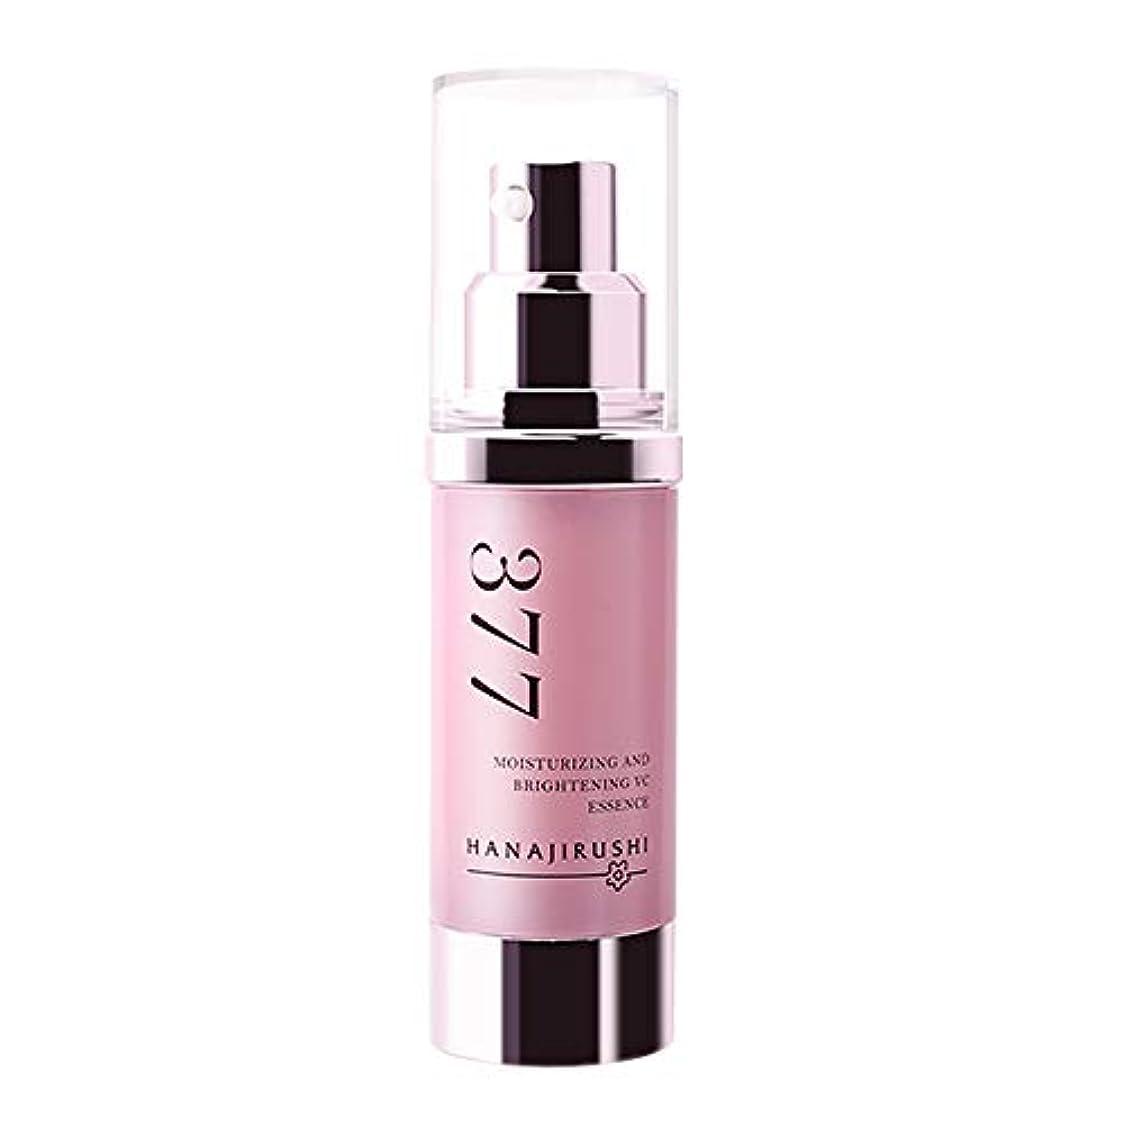 症状タブレット不要花印 シムホワイト377VCブライトニング 美容液30ml 集中美白 ビタミンC&ビタミンE誘導体配合